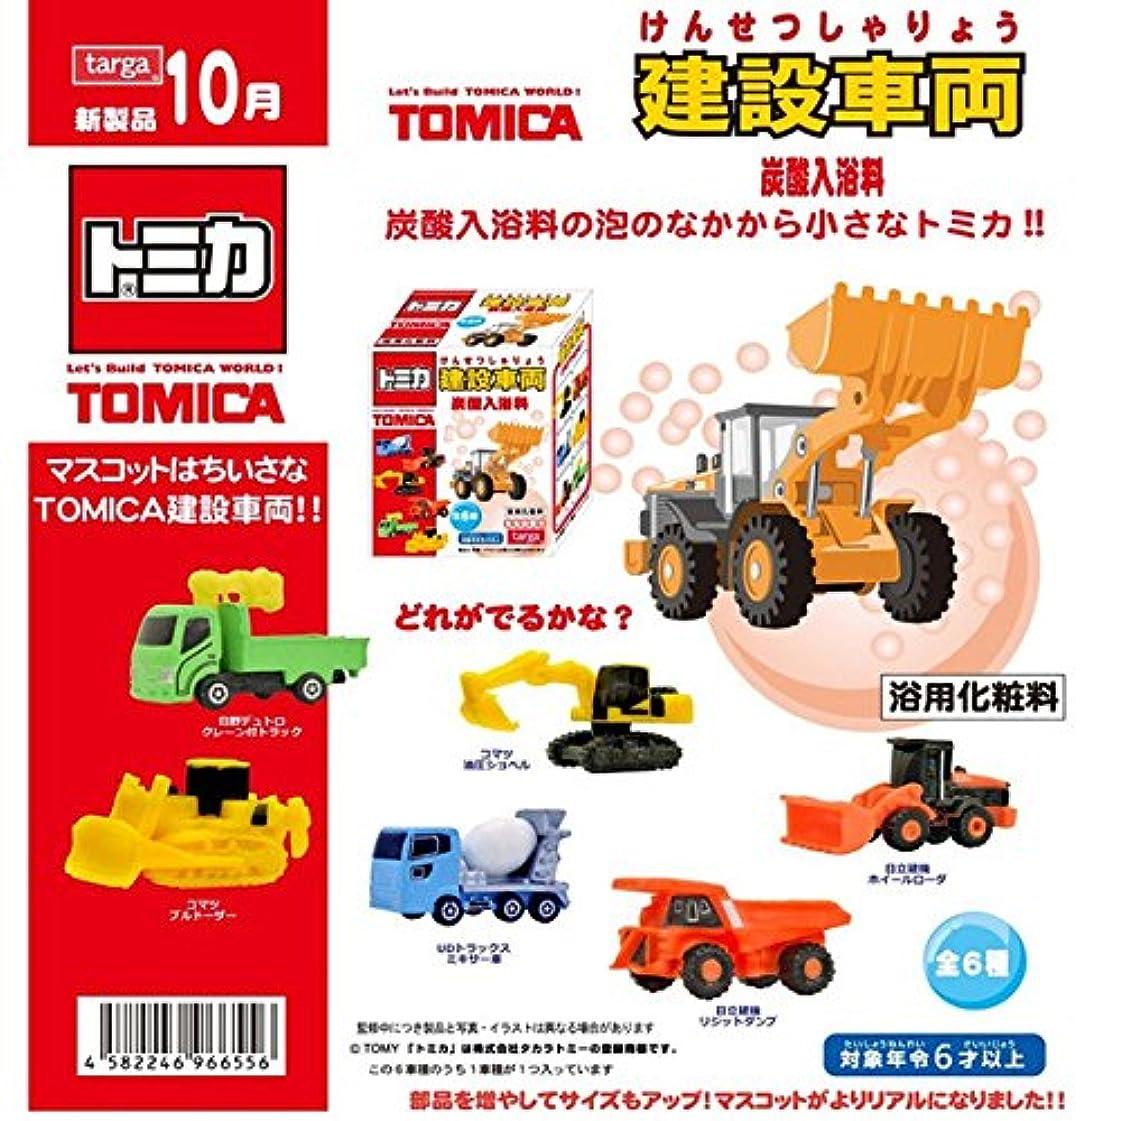 明確に超高層ビル観察トミカ 建設車両 炭酸入浴料 ももの香り 6個1セット TOMICA